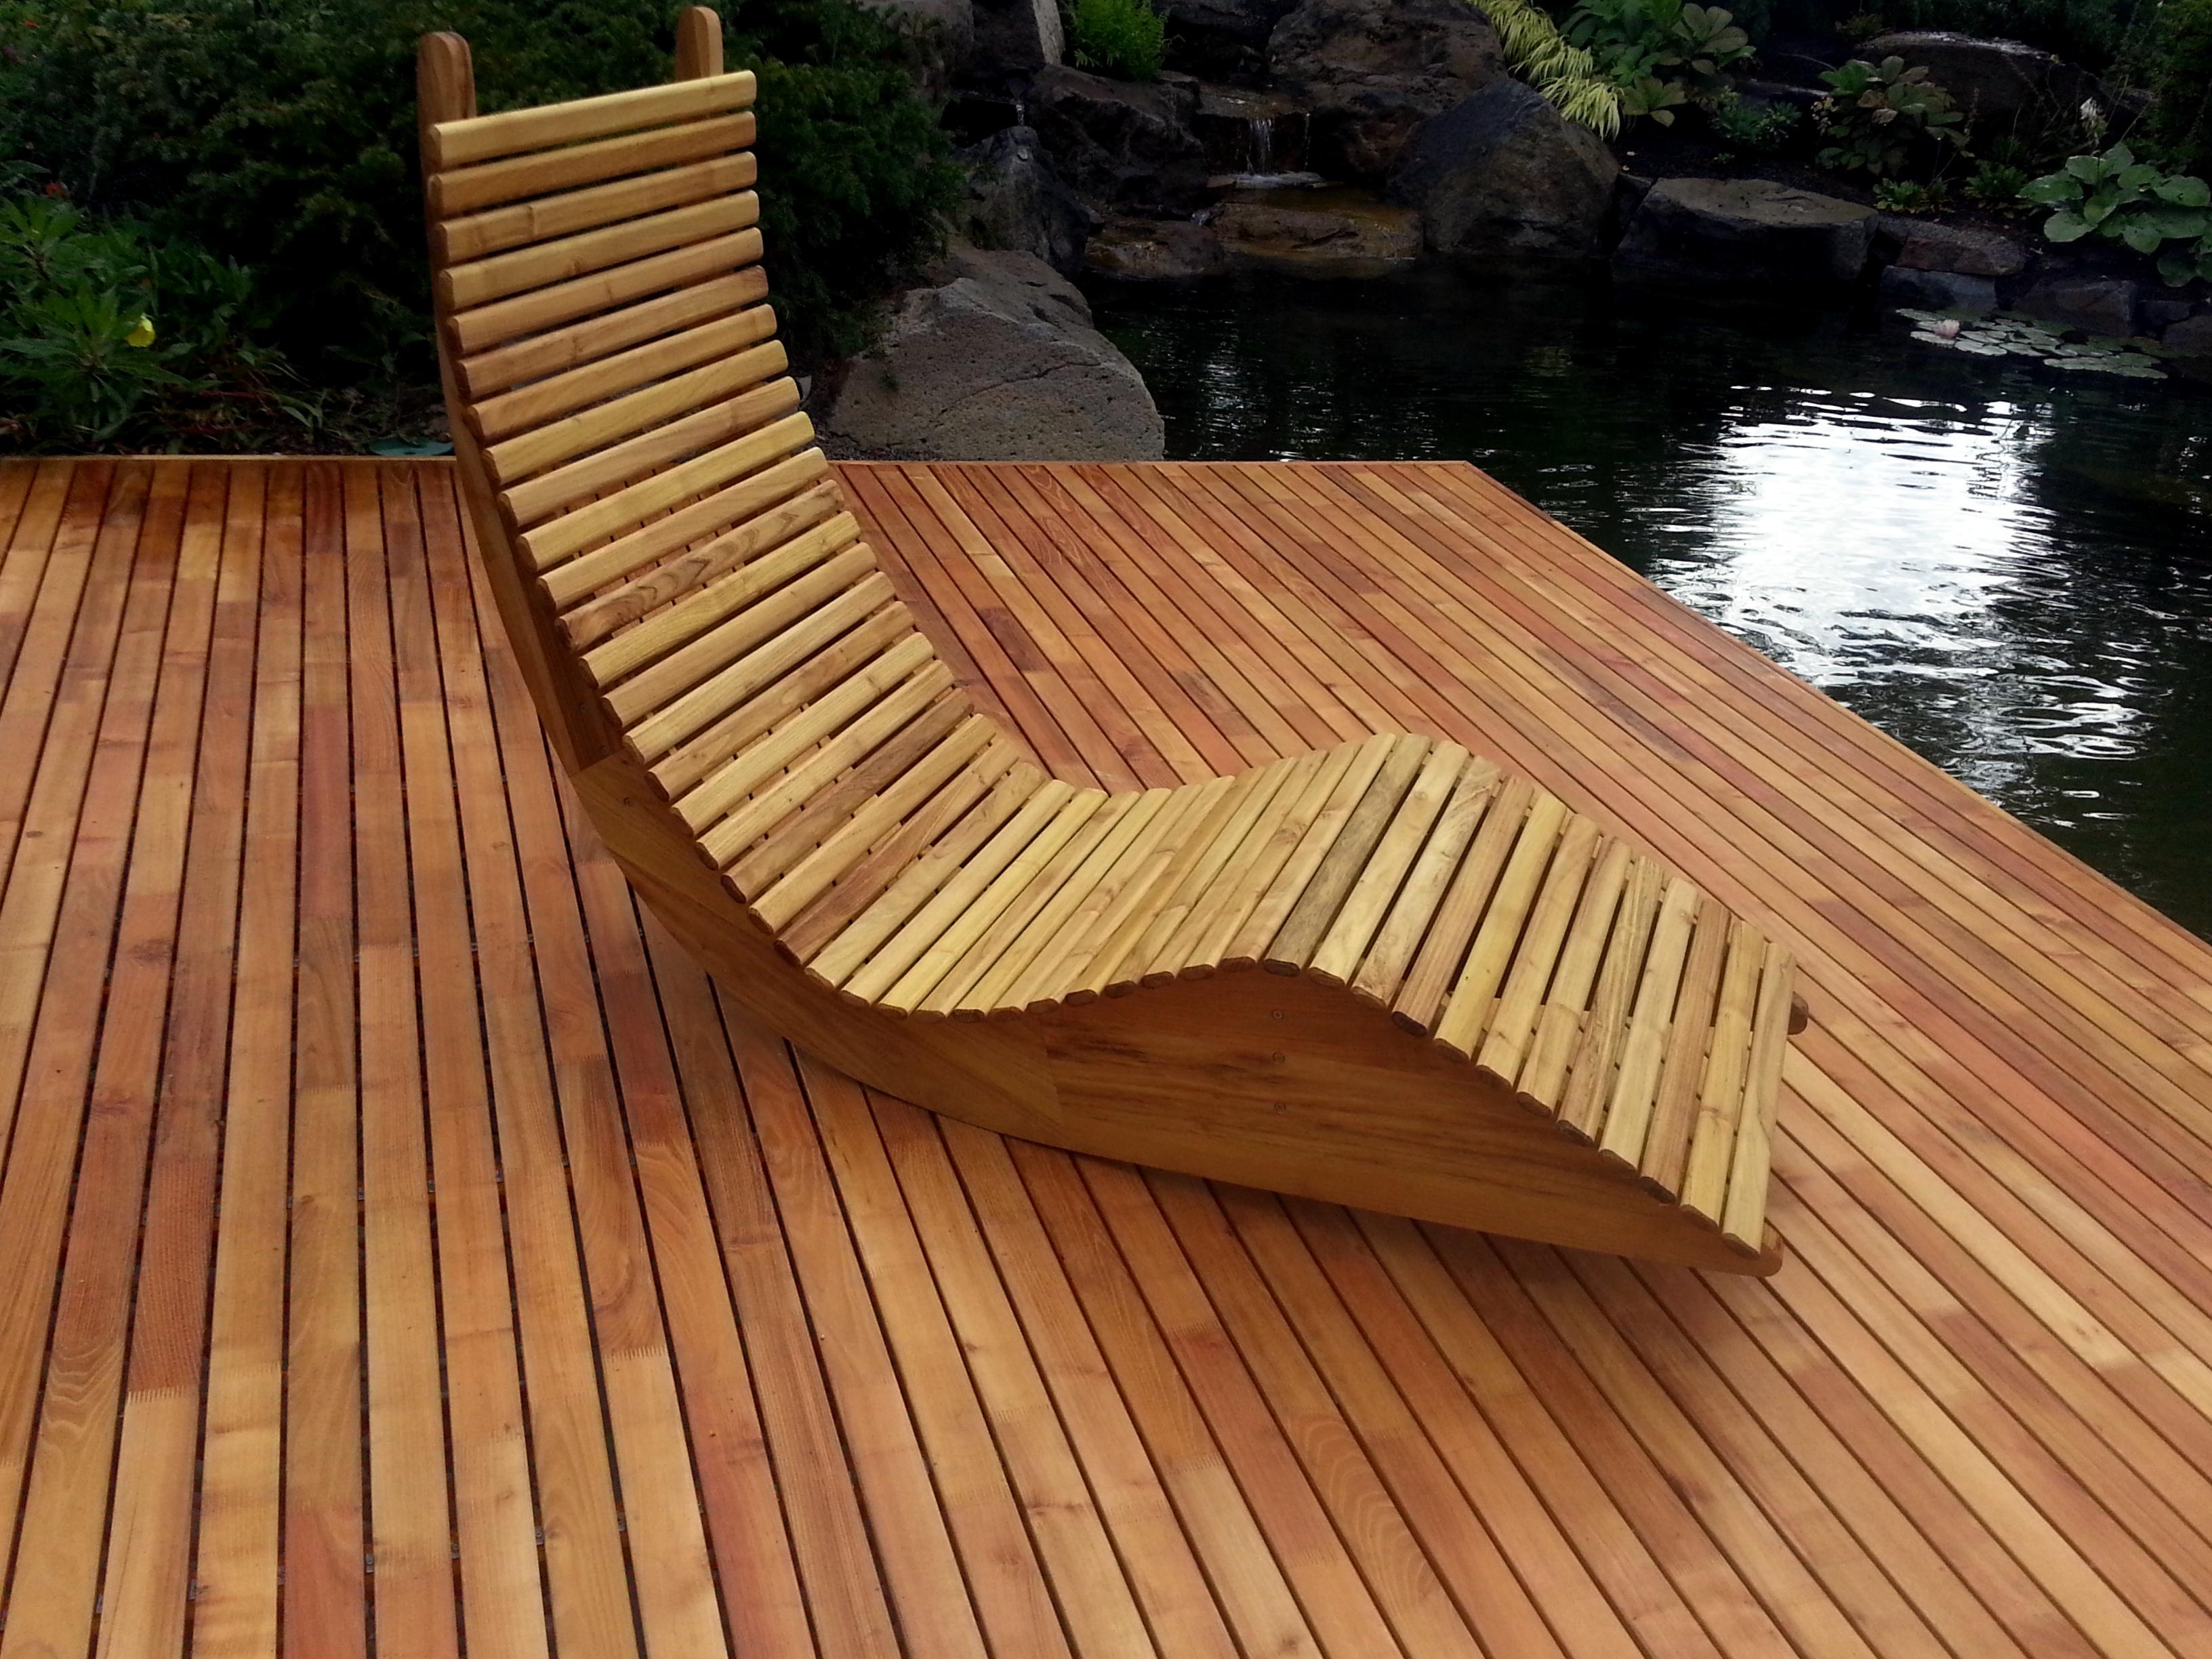 Fából készült kerti bútorok, asztalok és padok: a tökéletes harmónia az Ön otthonába is ...